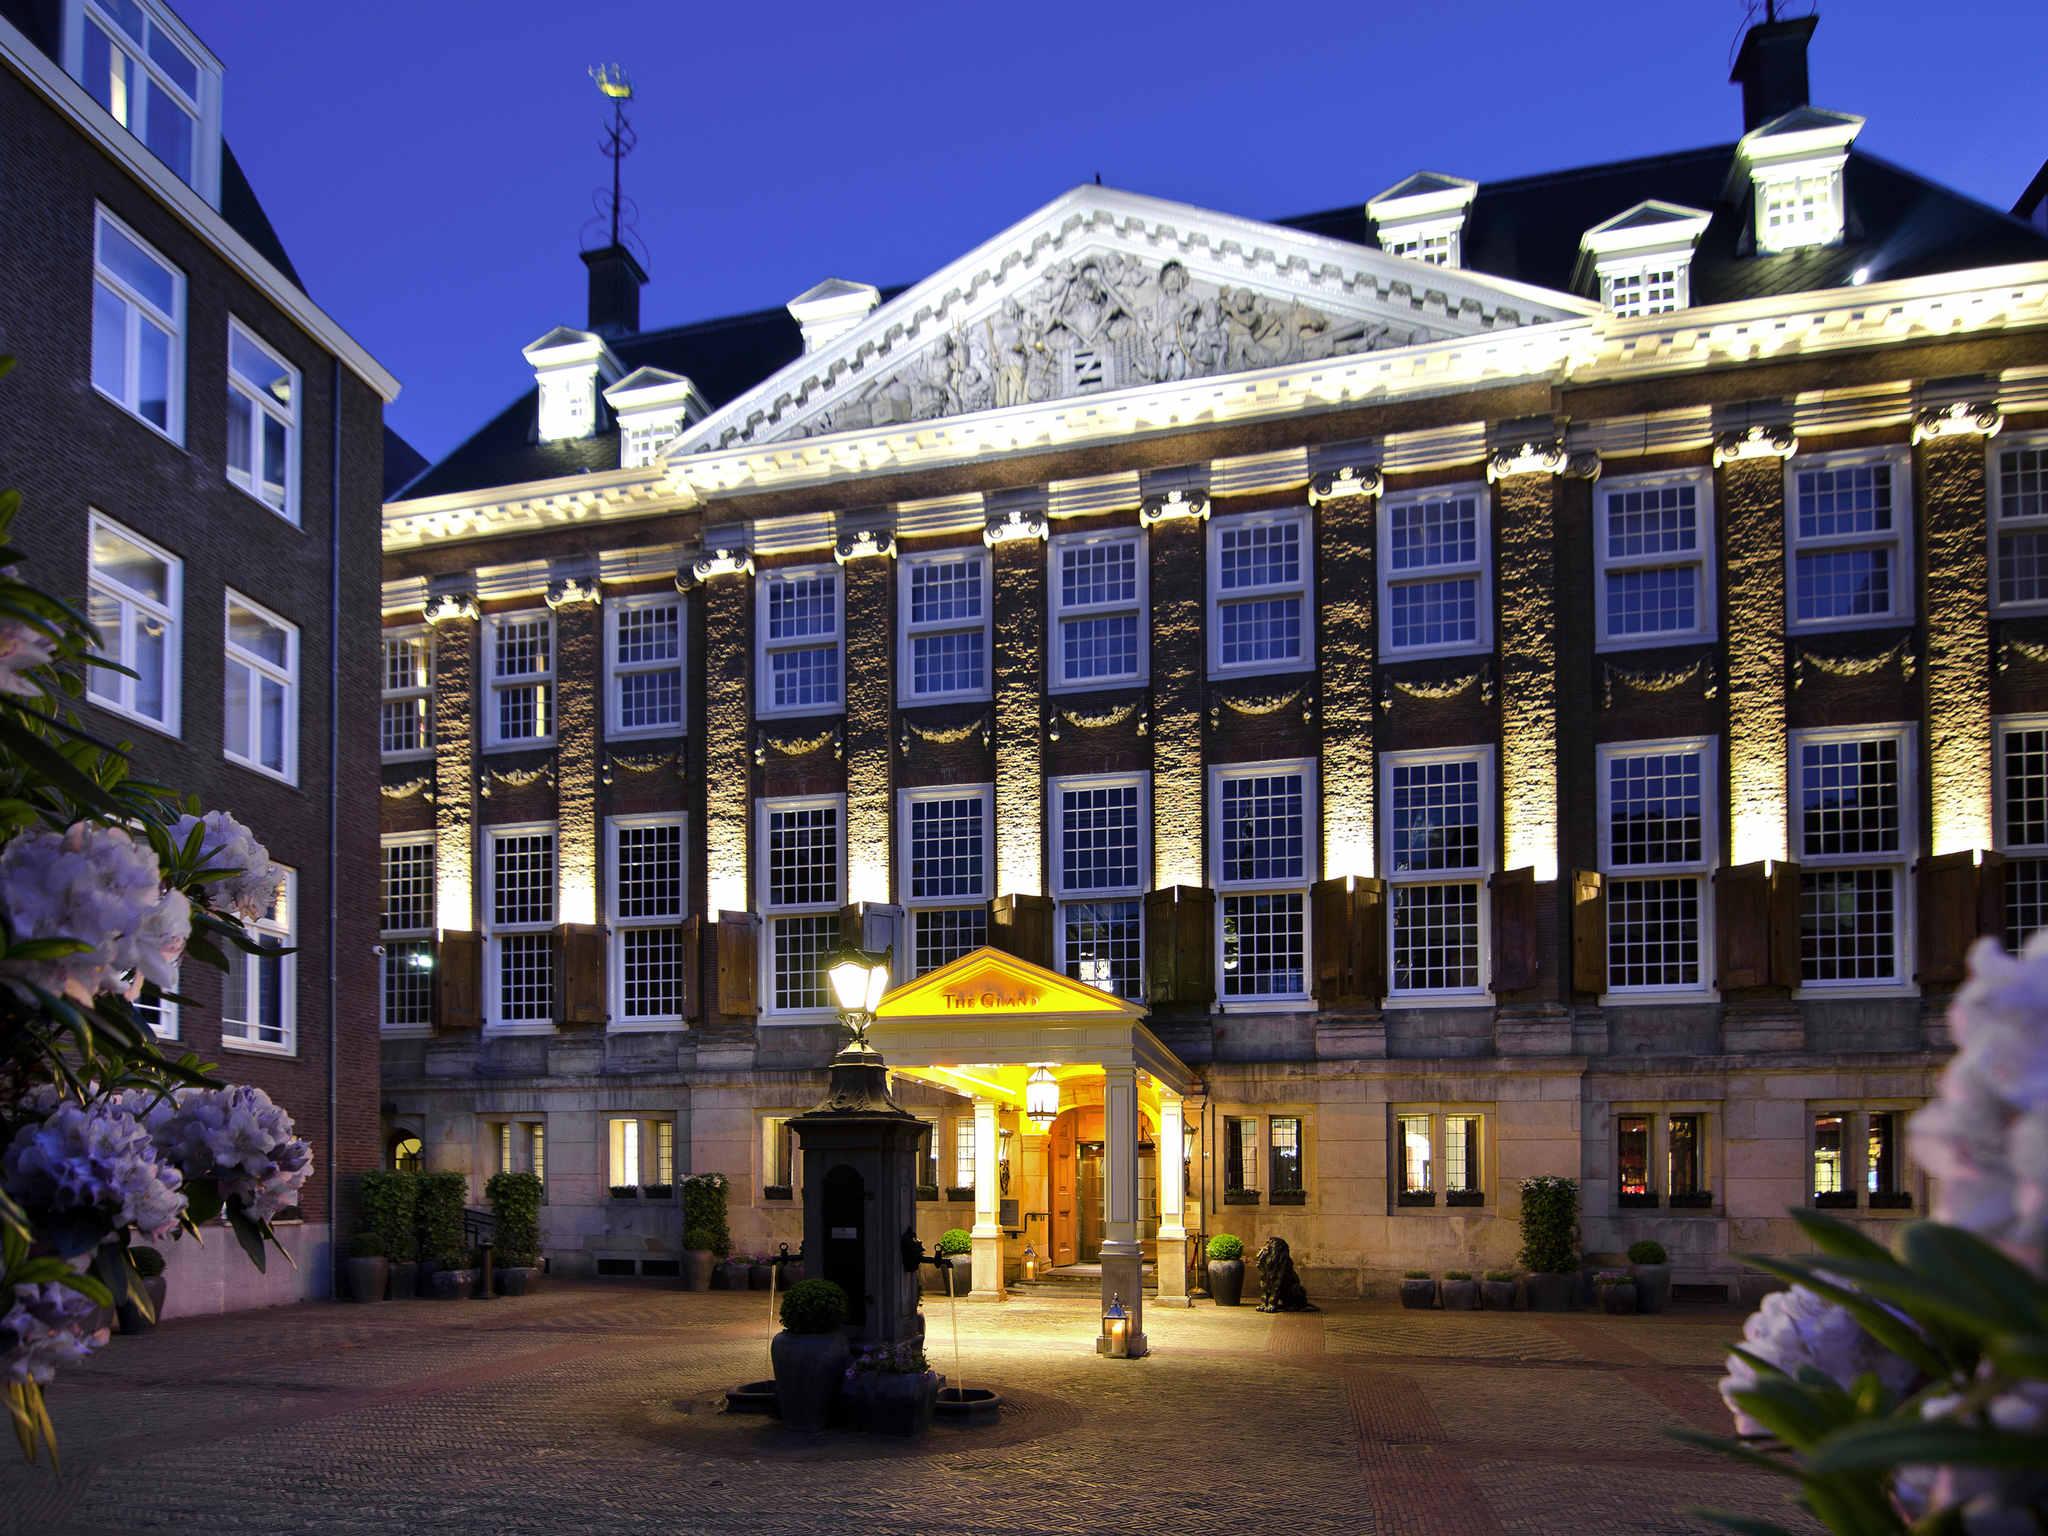 โรงแรม – โซฟิเทล เลเจนด์ เดอะ แกรนด์ อัมสเตอร์ดัม